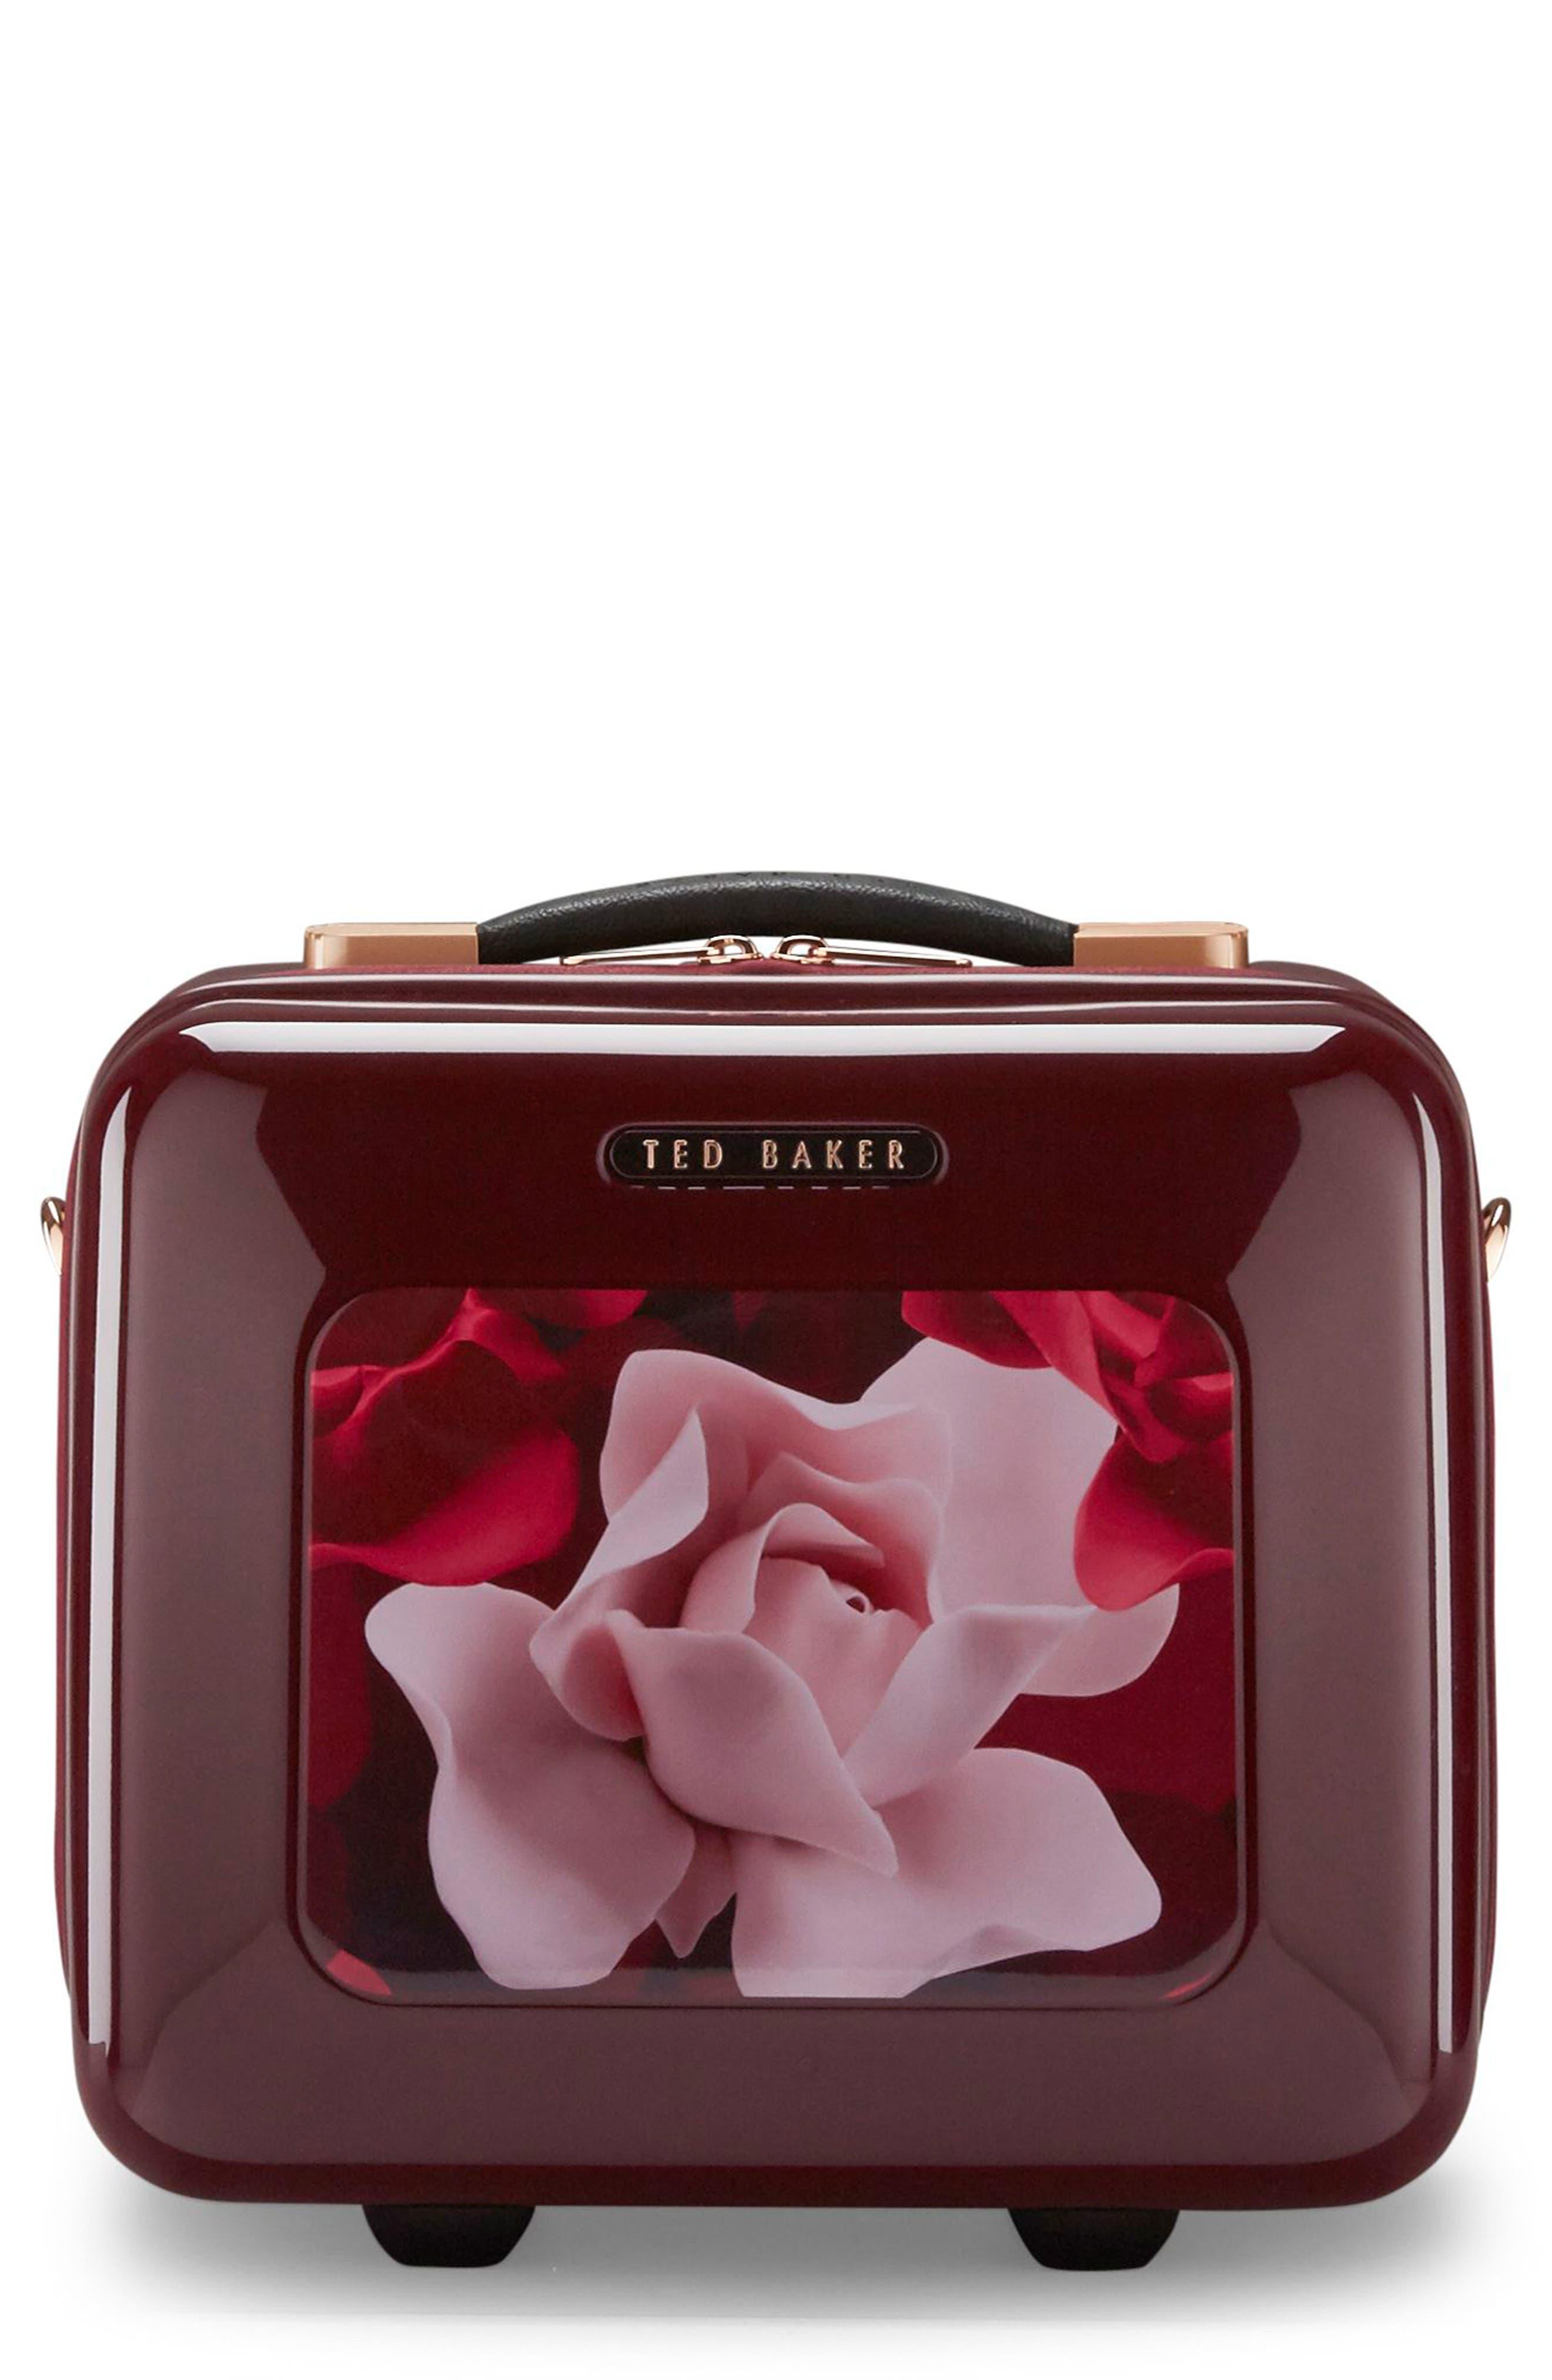 Porcelain Rose Vanity Case,                         Main,                         color, 930